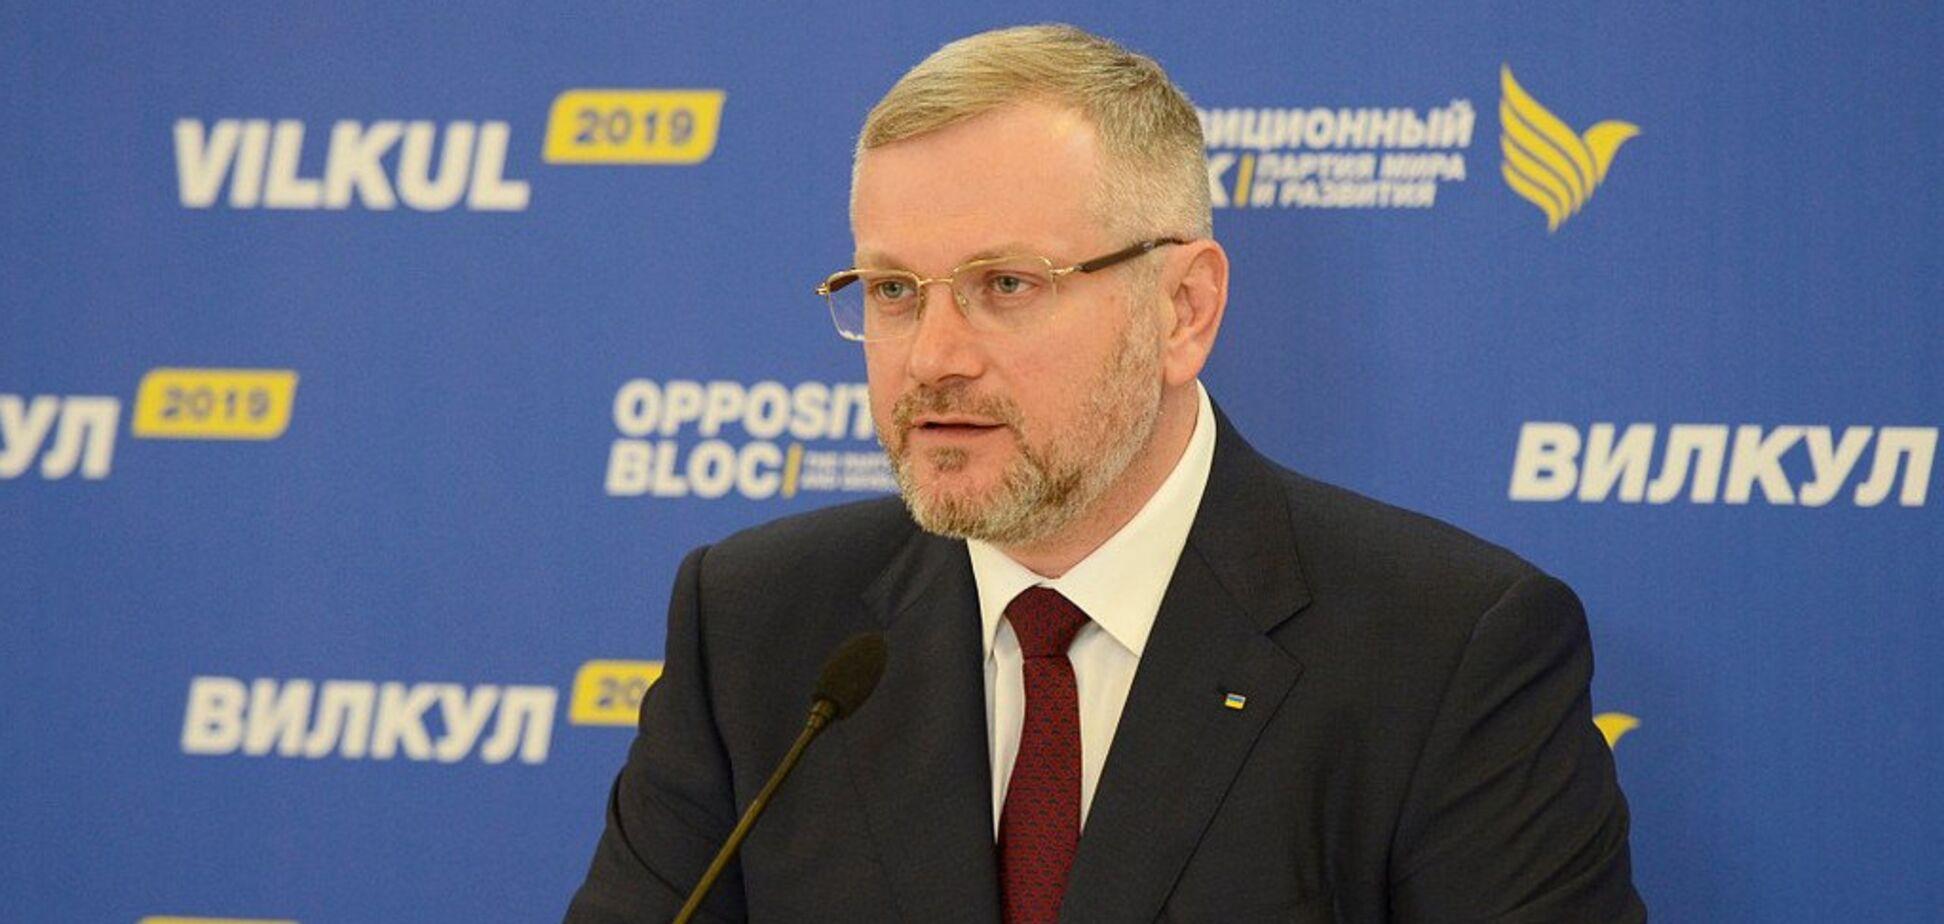 Олександр Вілкул: ми донесли українцям наші ідеї і будемо захищати кожен голос